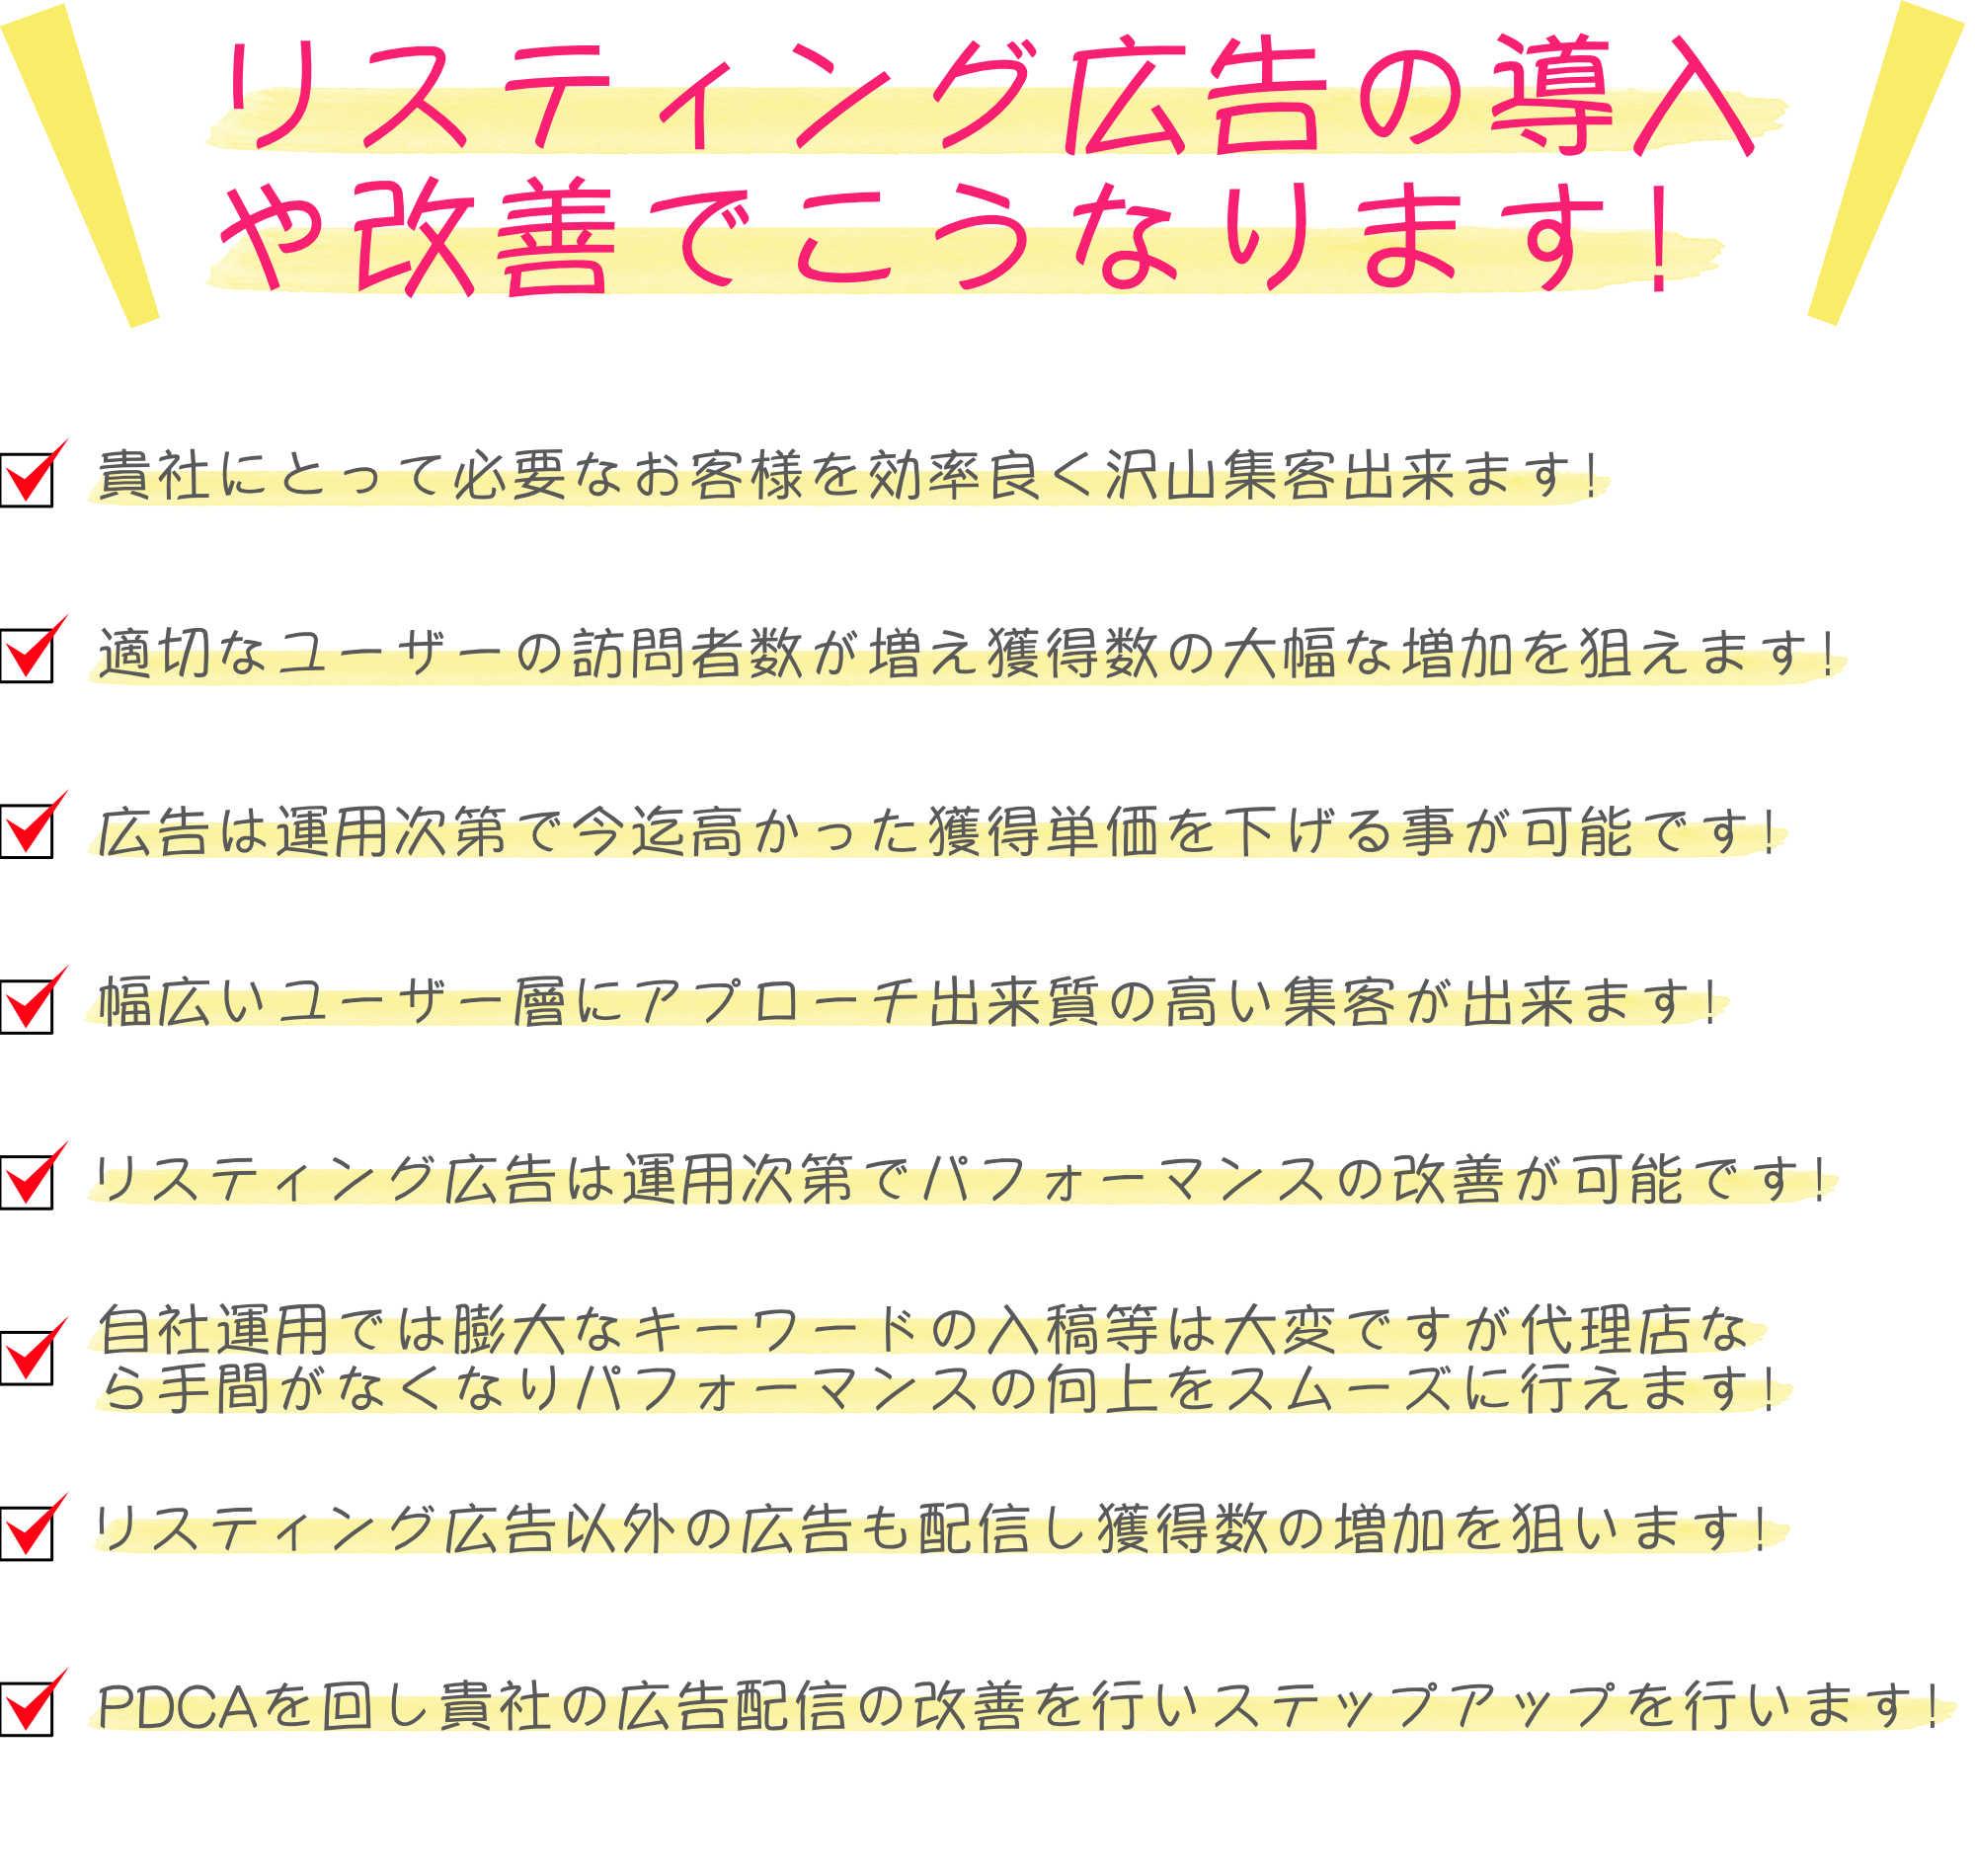 福岡のリスティング広告運用代行代理店